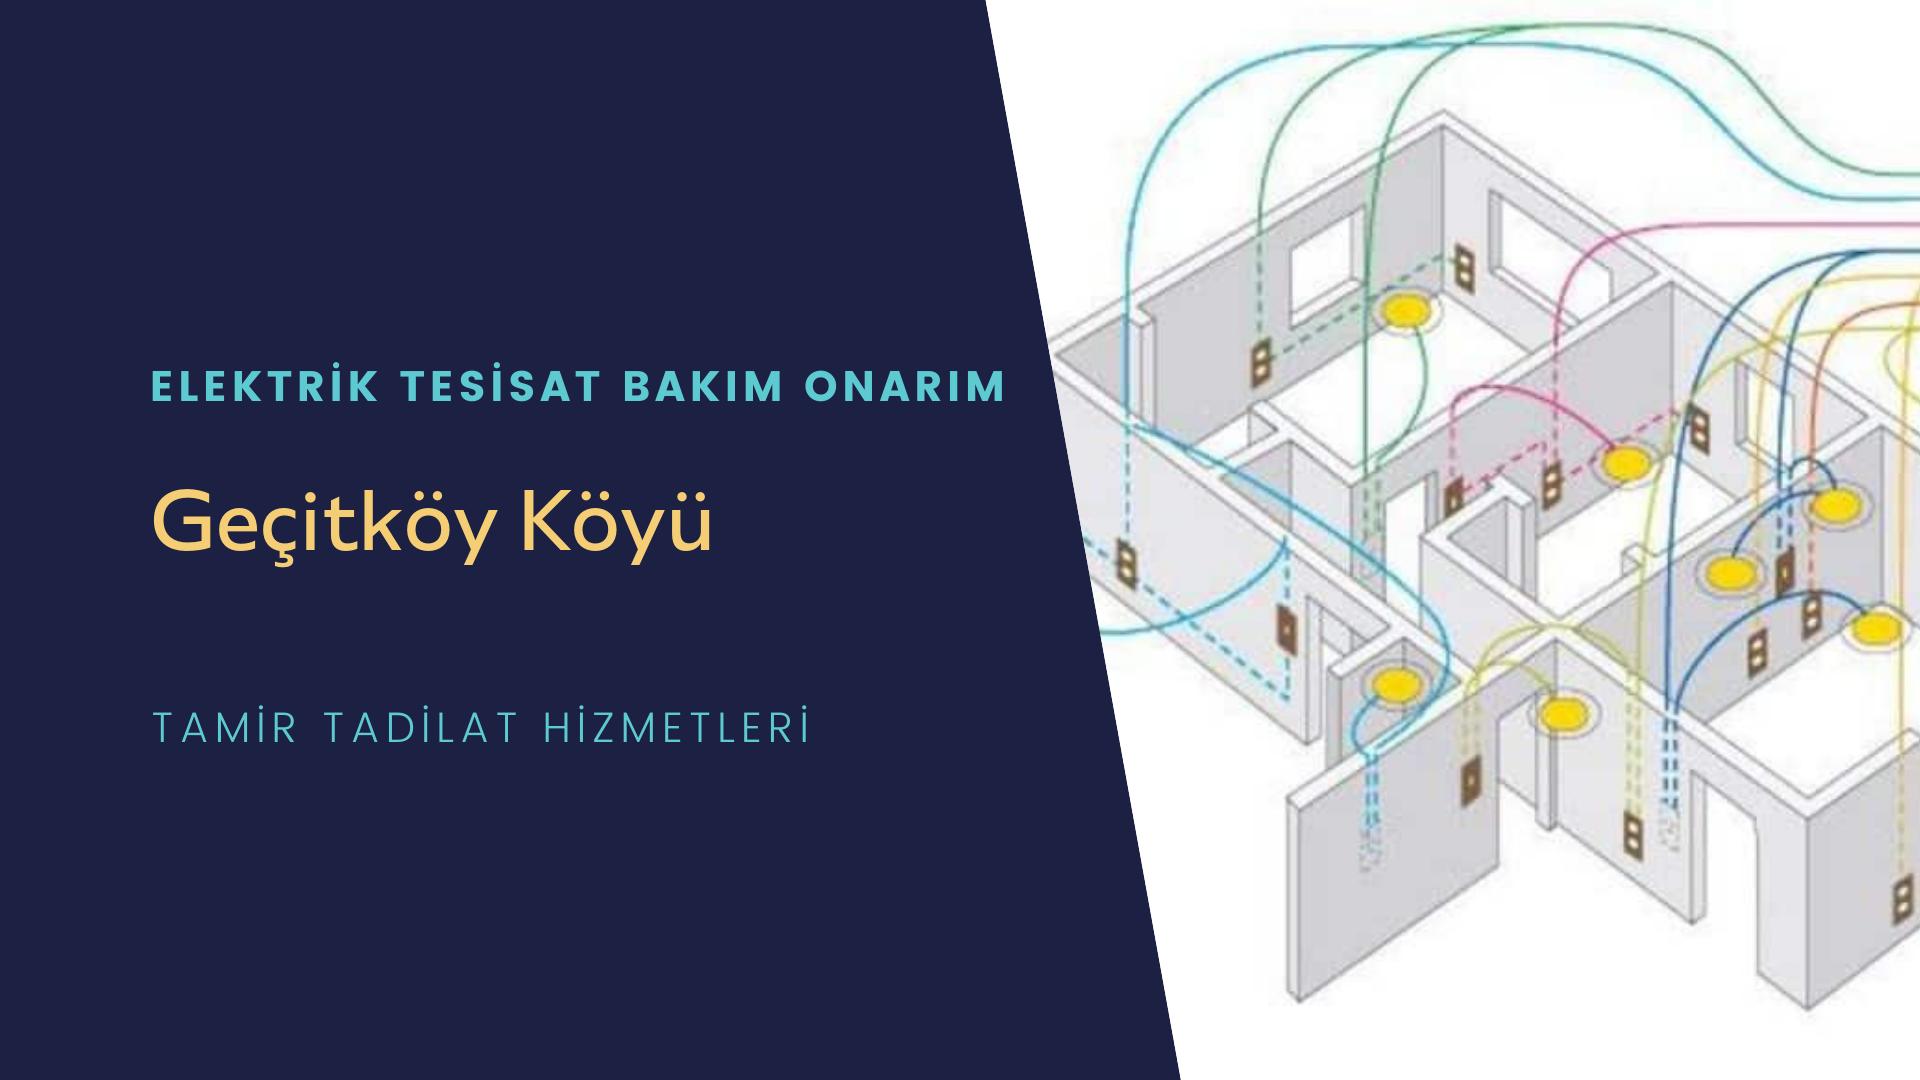 Geçitköy Köyü  elektrik tesisatıustalarımı arıyorsunuz doğru adrestenizi Geçitköy Köyü elektrik tesisatı ustalarımız 7/24 sizlere hizmet vermekten mutluluk duyar.